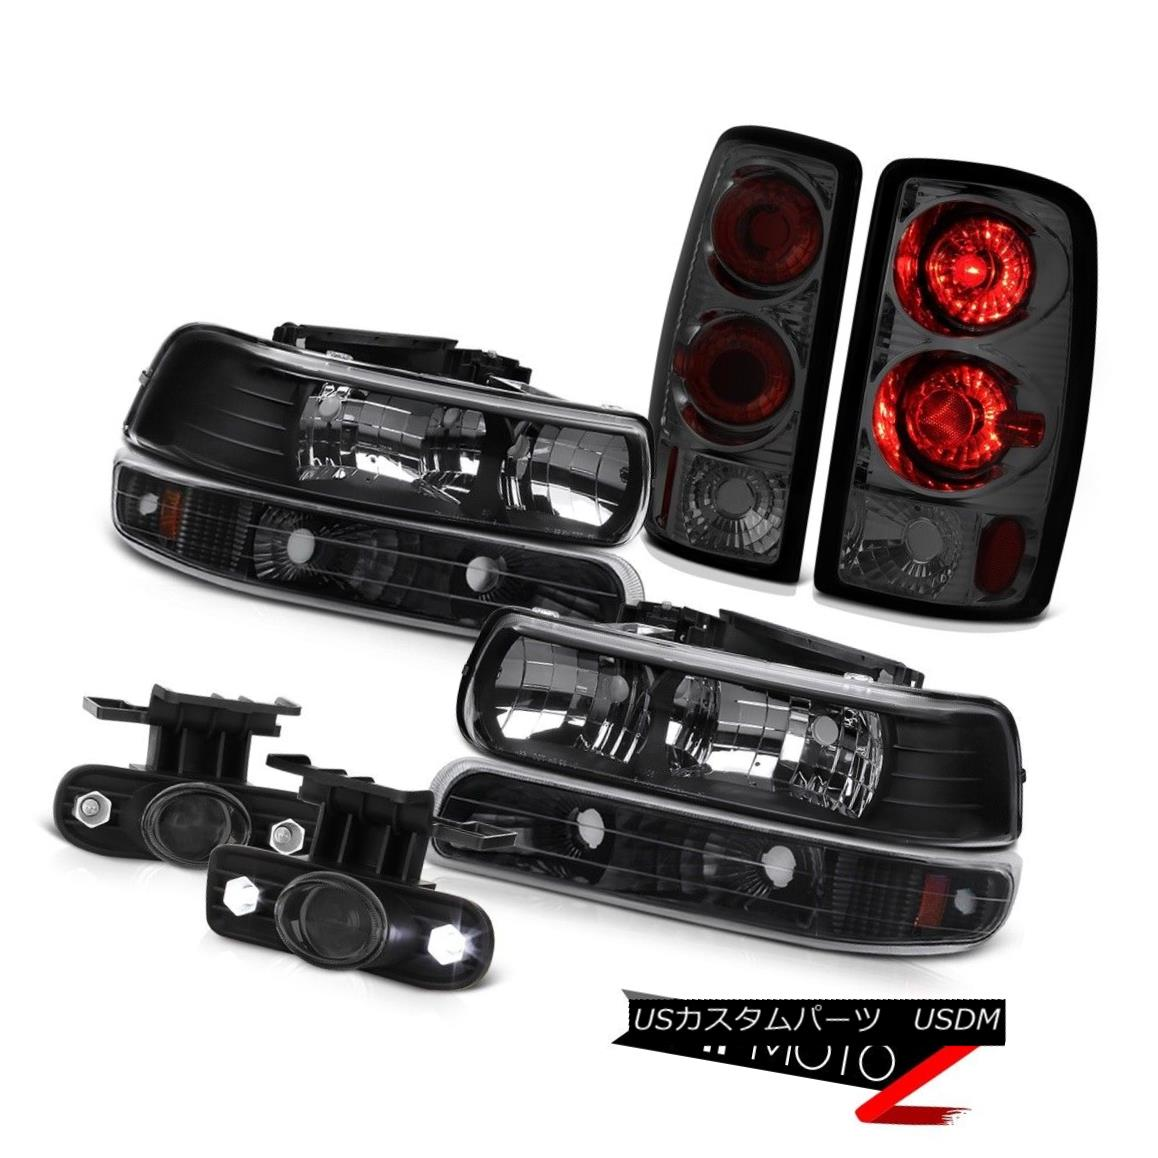 テールライト Pair Black Headlights Parking Smoke Red 00-06 Tahoe LS Tail Lights Projector Fog ペアブラックヘッドライトパーキングスモークレッド00-06 Tahoe LSテールライトプロジェクターフォグ